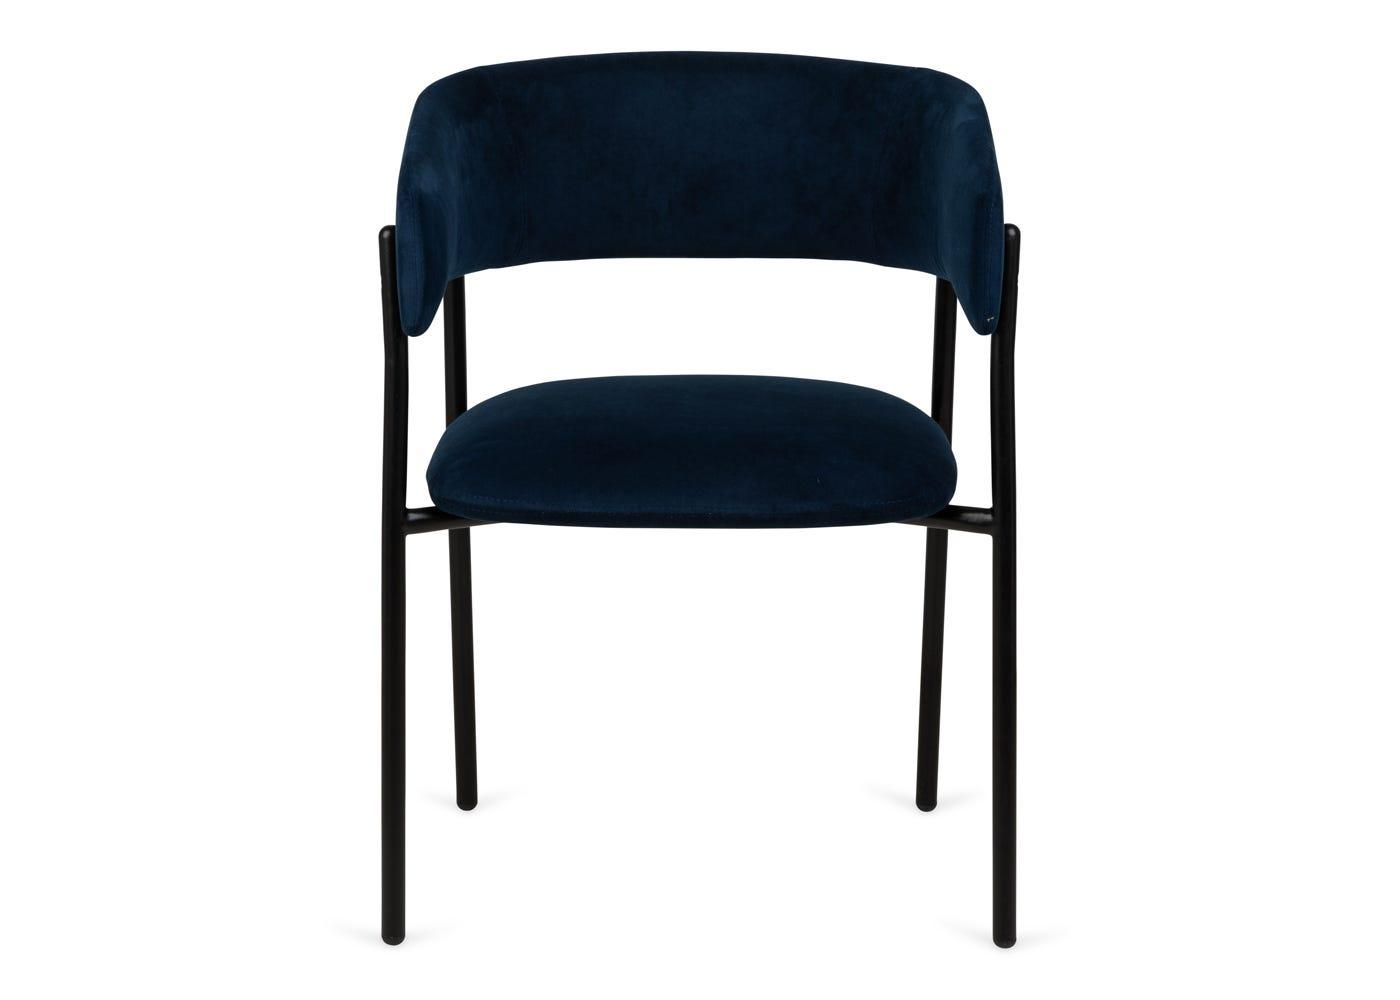 As shown: Neo velvet dining chair upholstered in indigo velvet - Front profile.